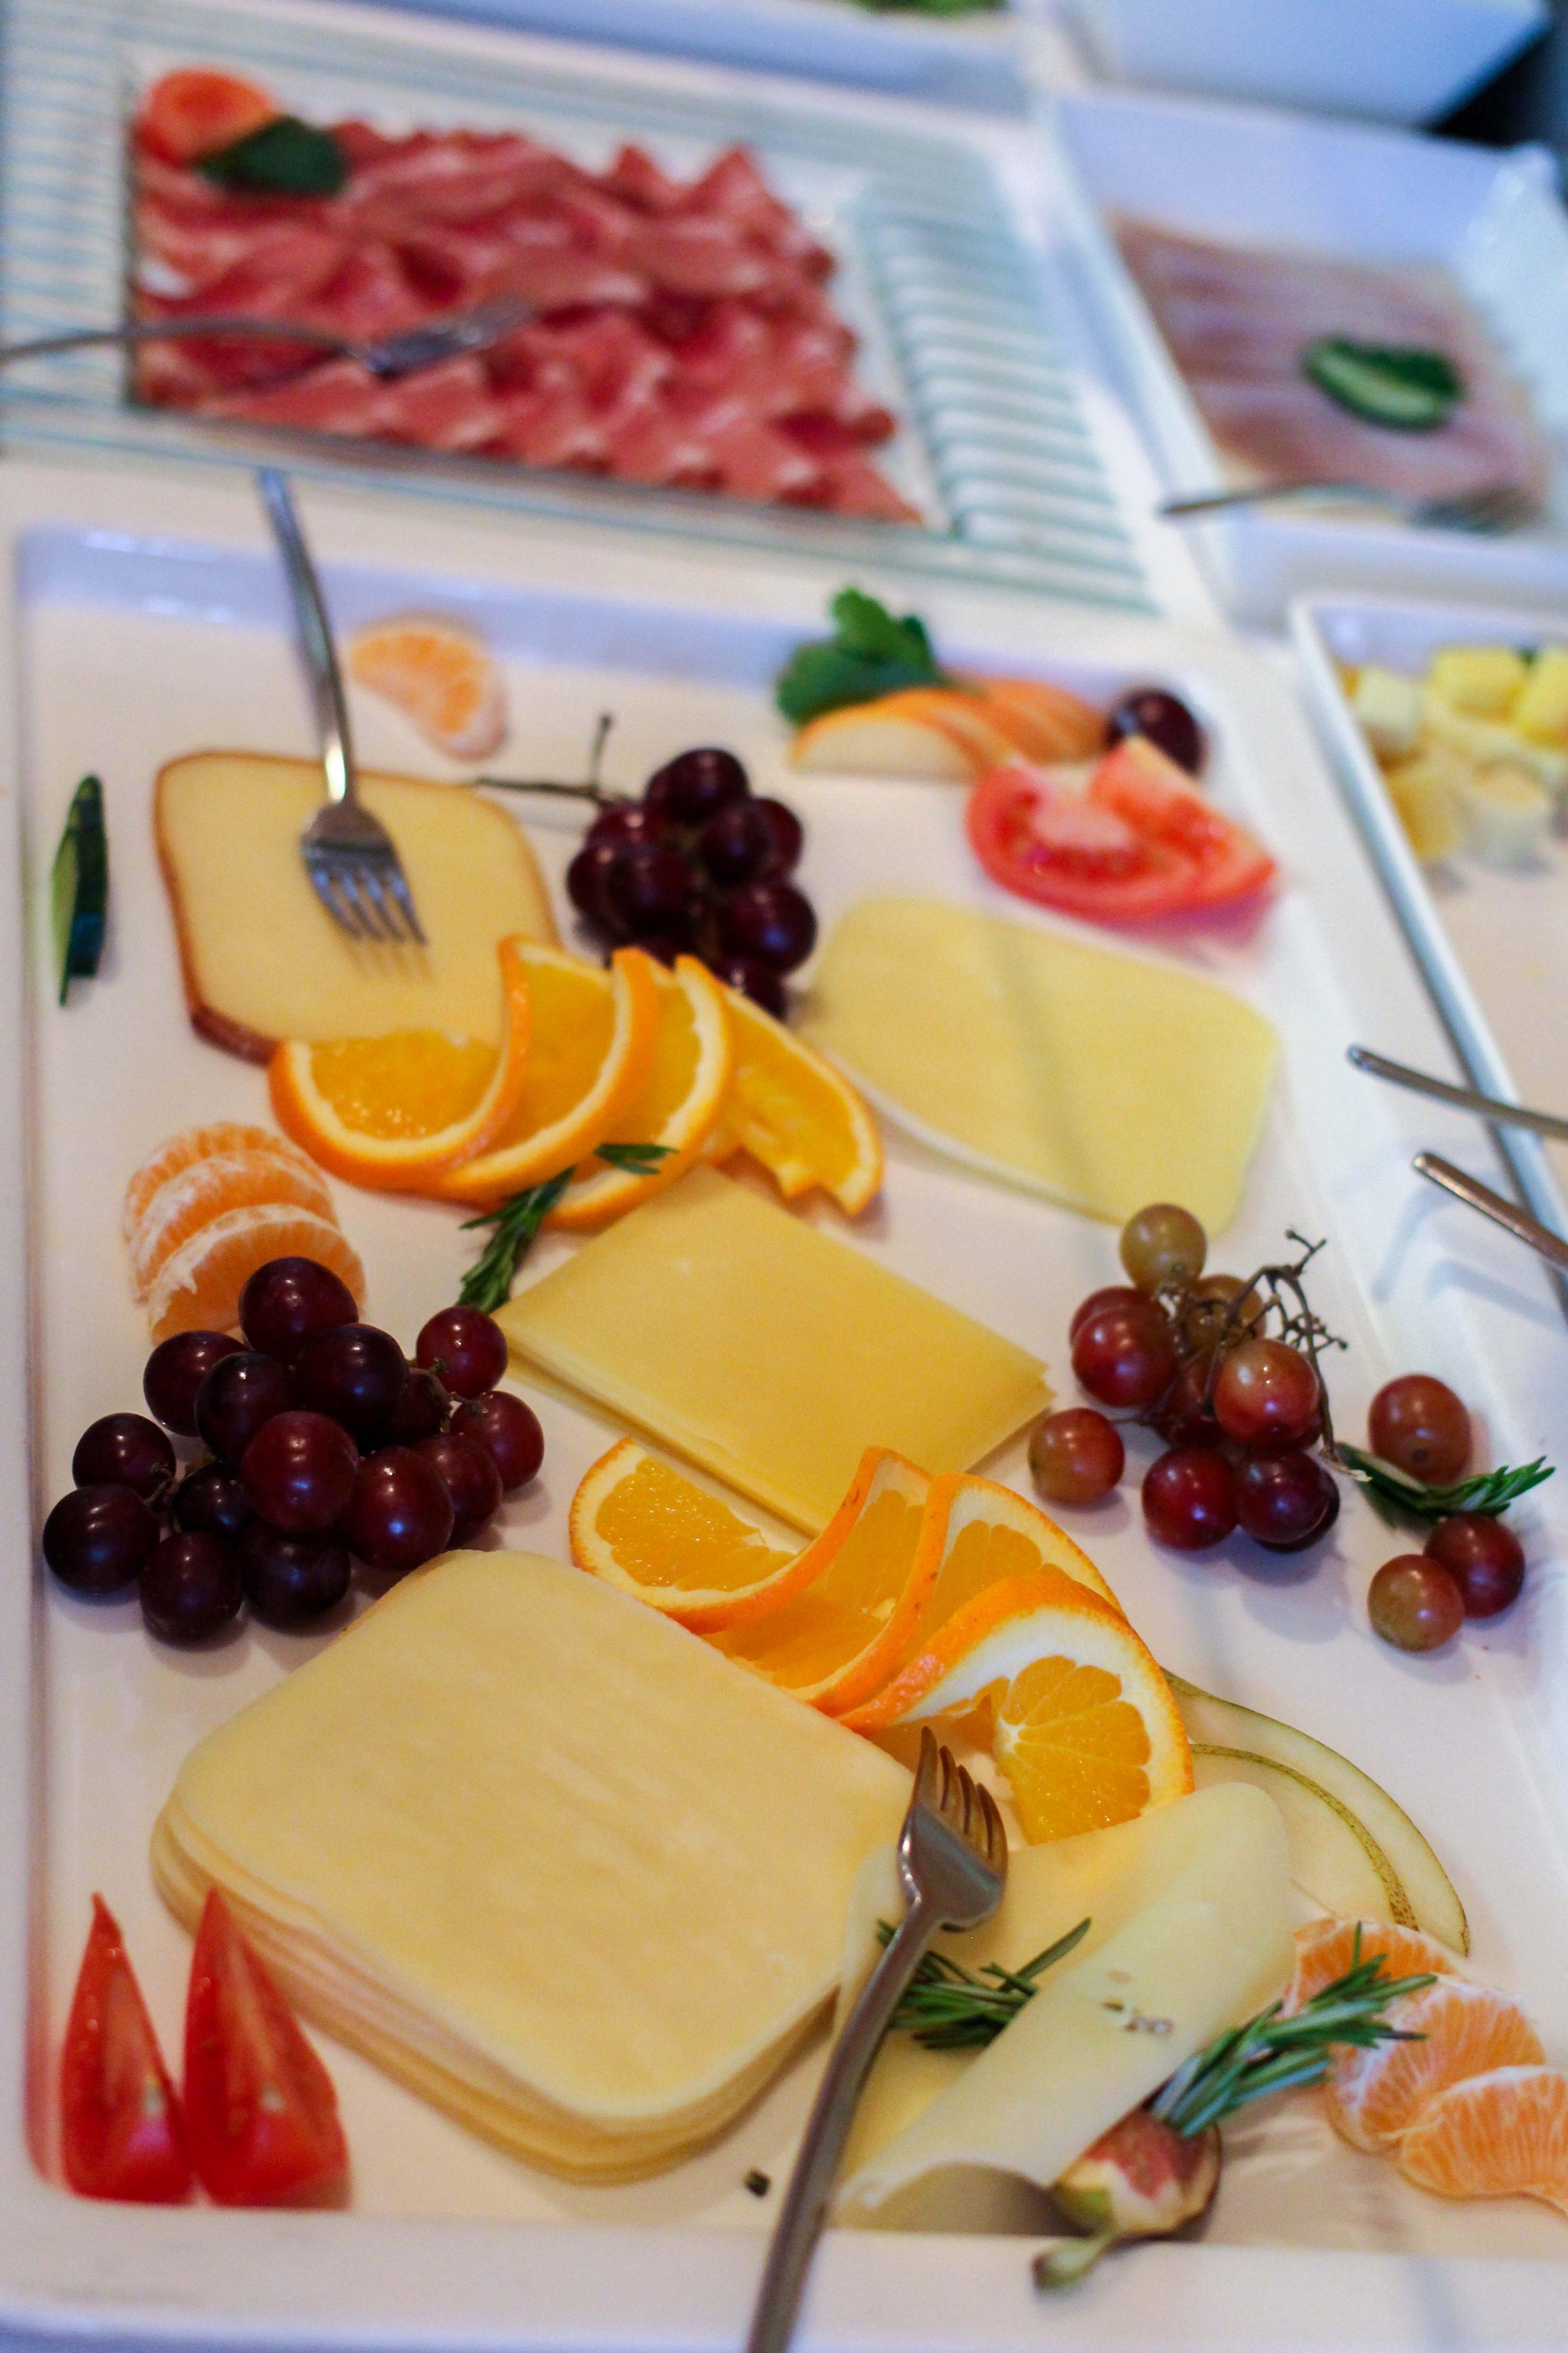 Wellnesswochenende Österreich Sonne Lifestyle Resort Mellau Wellnesshotel Bregenzerwald Gourmetpension Frühstück Käseplatte Reiseblog